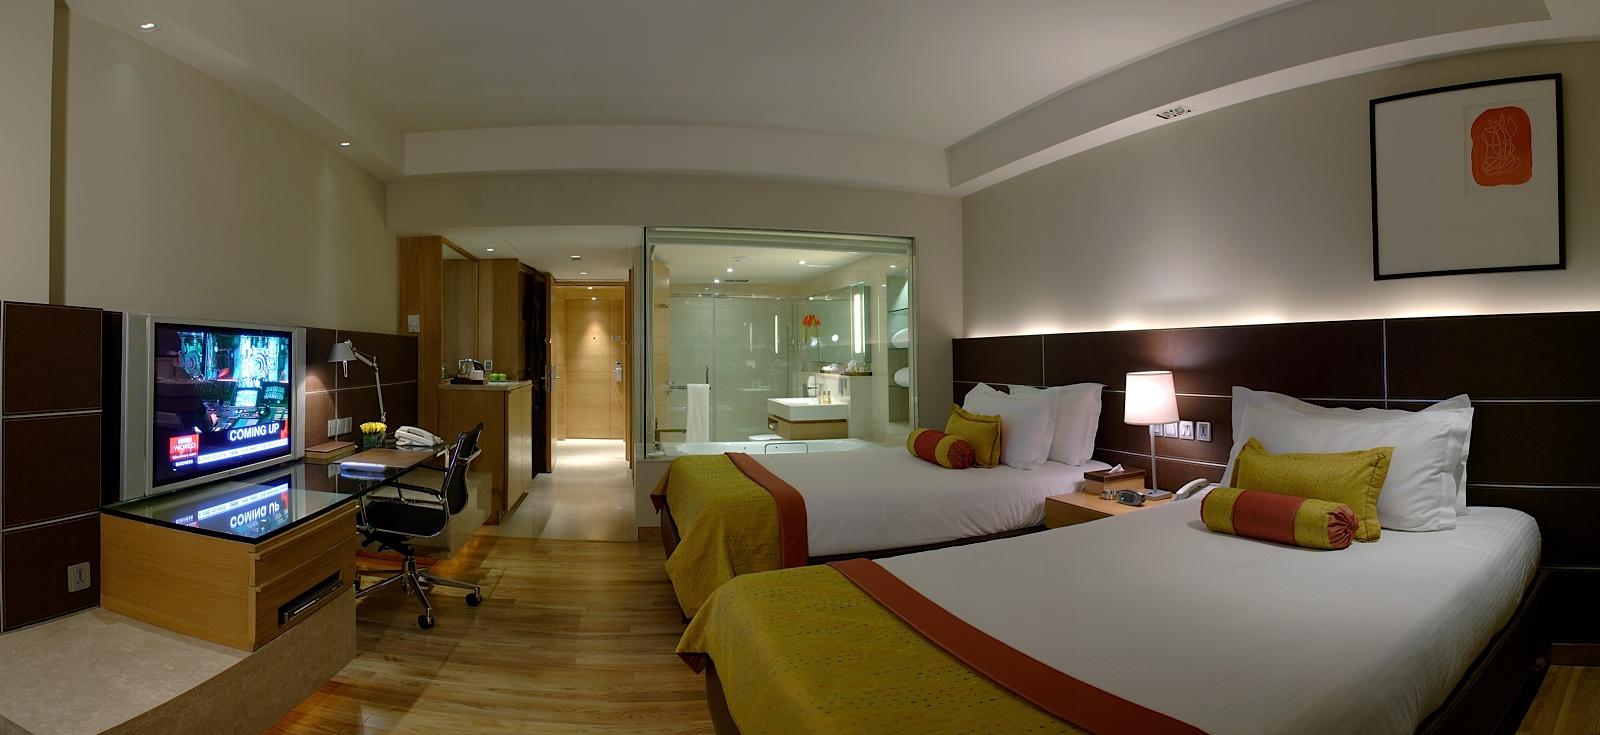 Hoteles the lalit en india visi n cosmopolita y fresca for Imagenes de habitaciones de hoteles de lujo